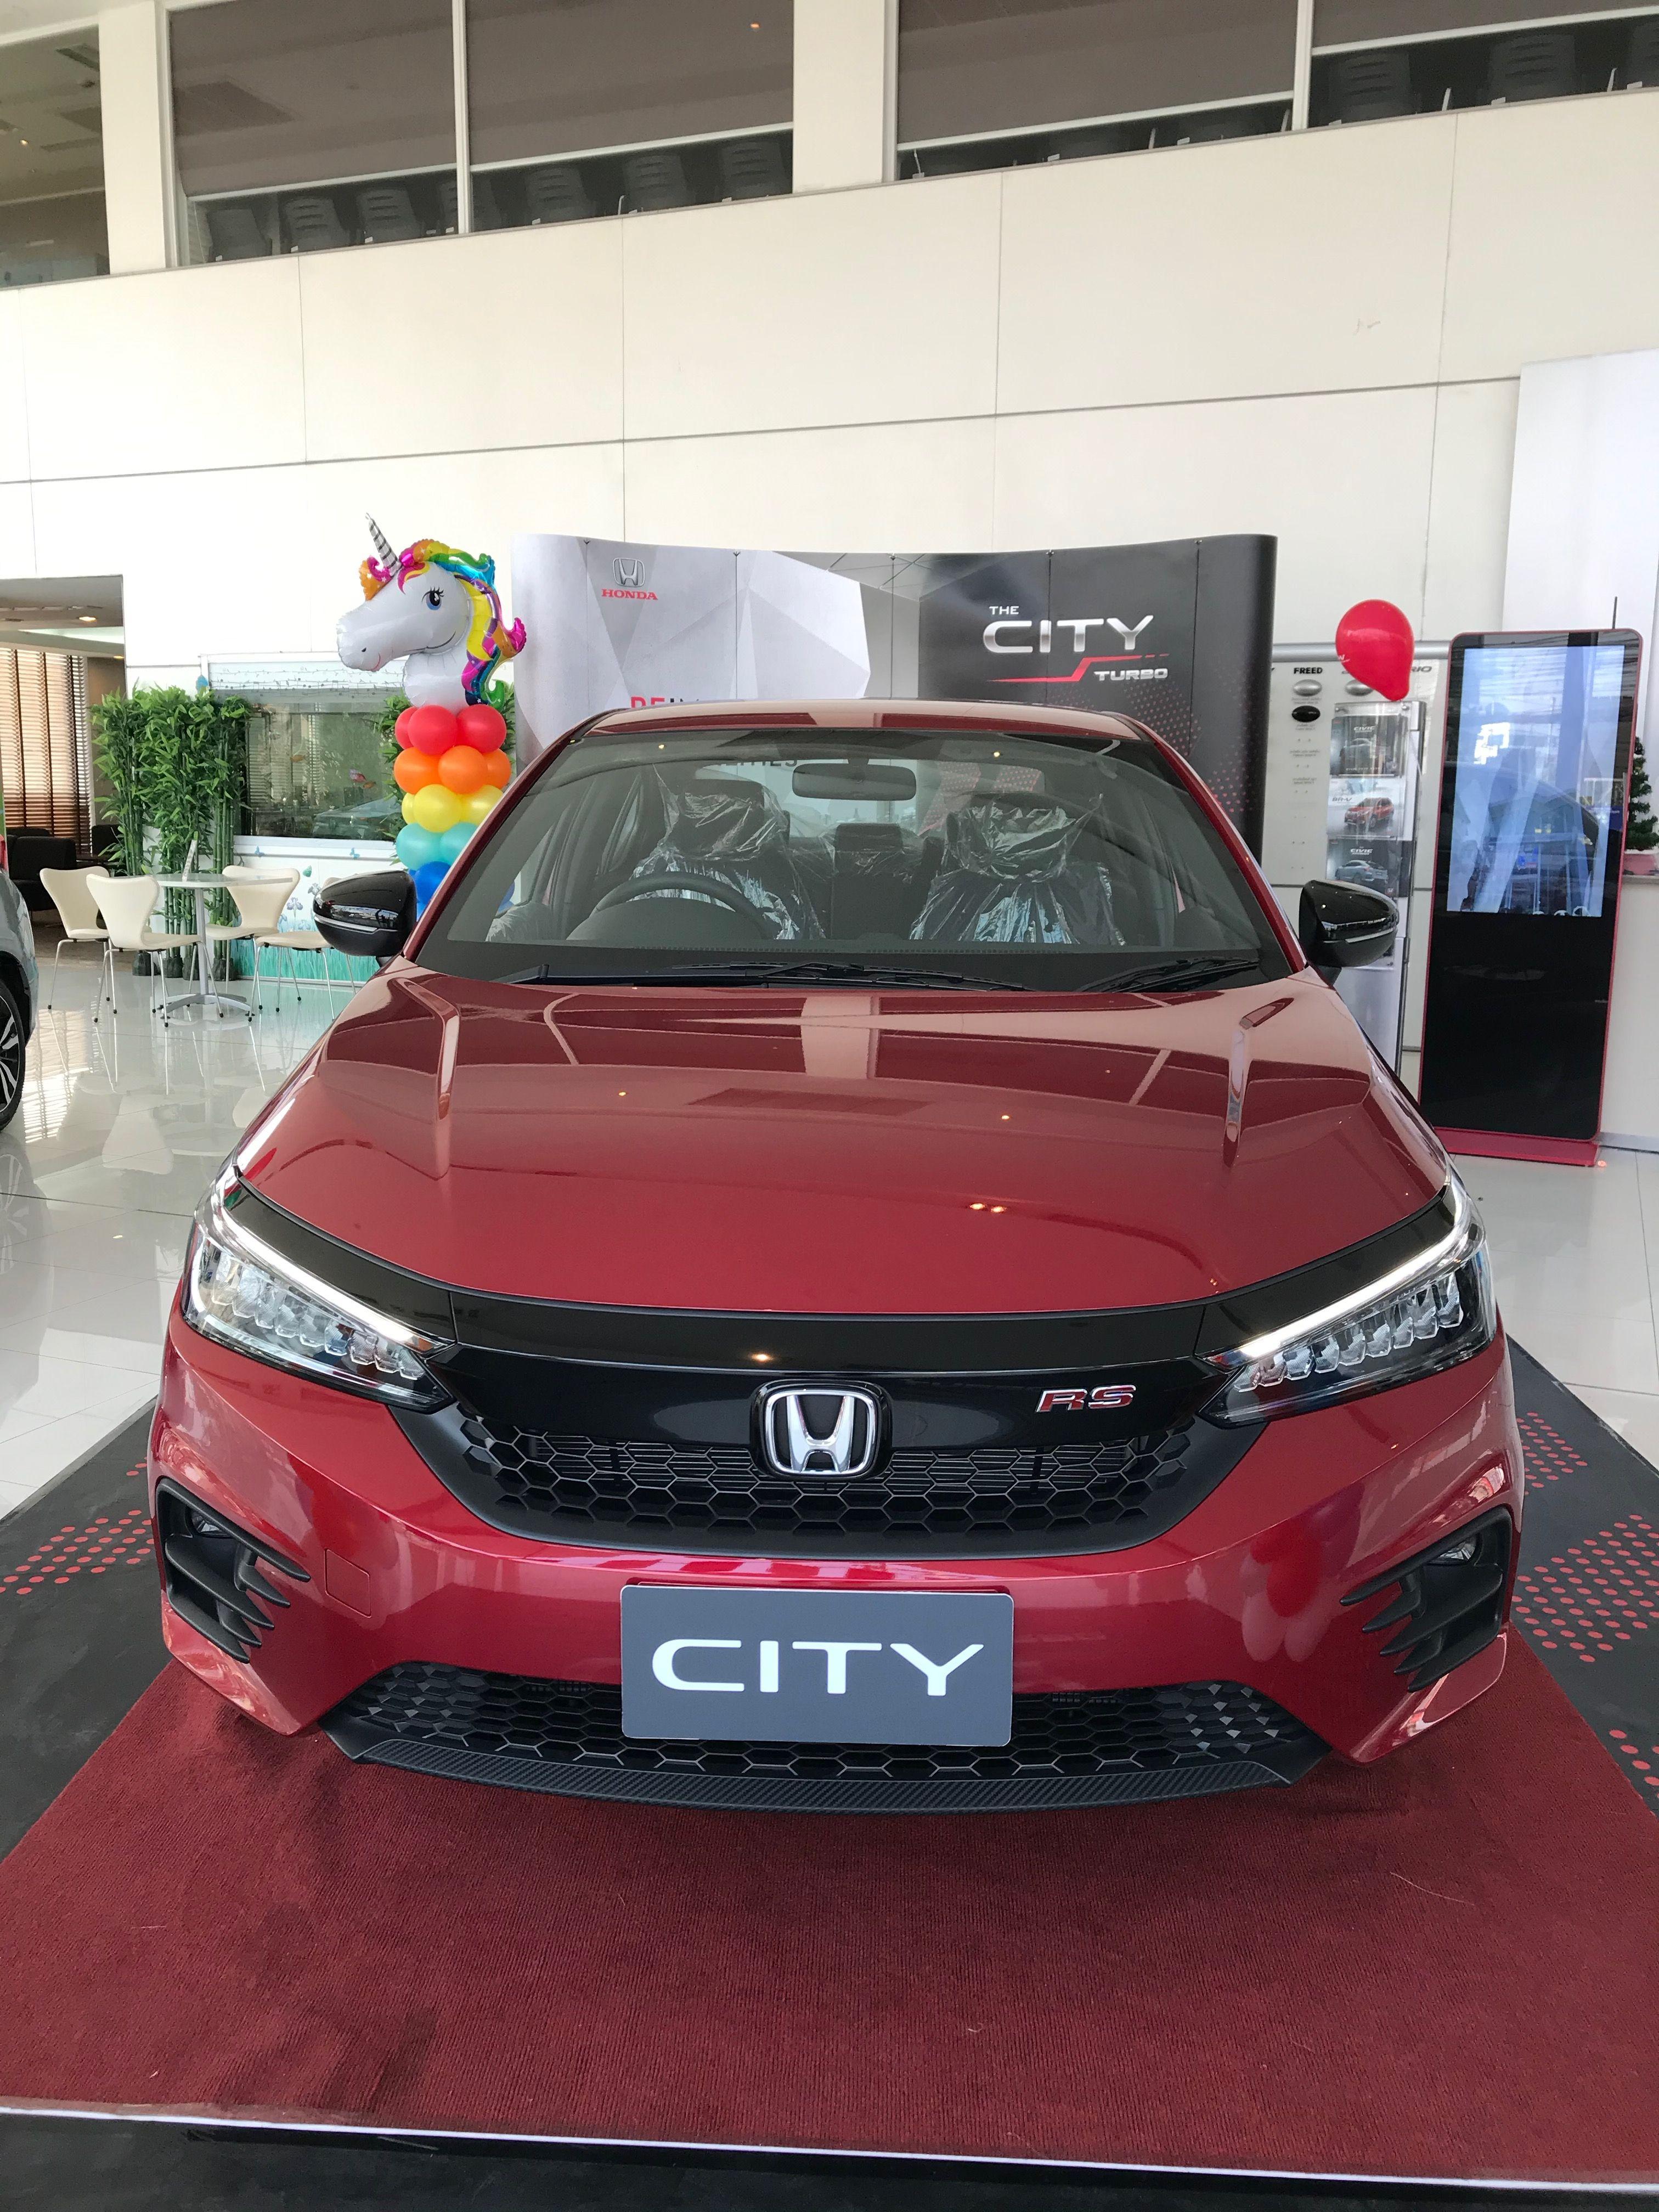 Honda City Rs 2020 17 Lakh India Exclusive Real Life Review In 2020 Honda City Honda Compact Cars